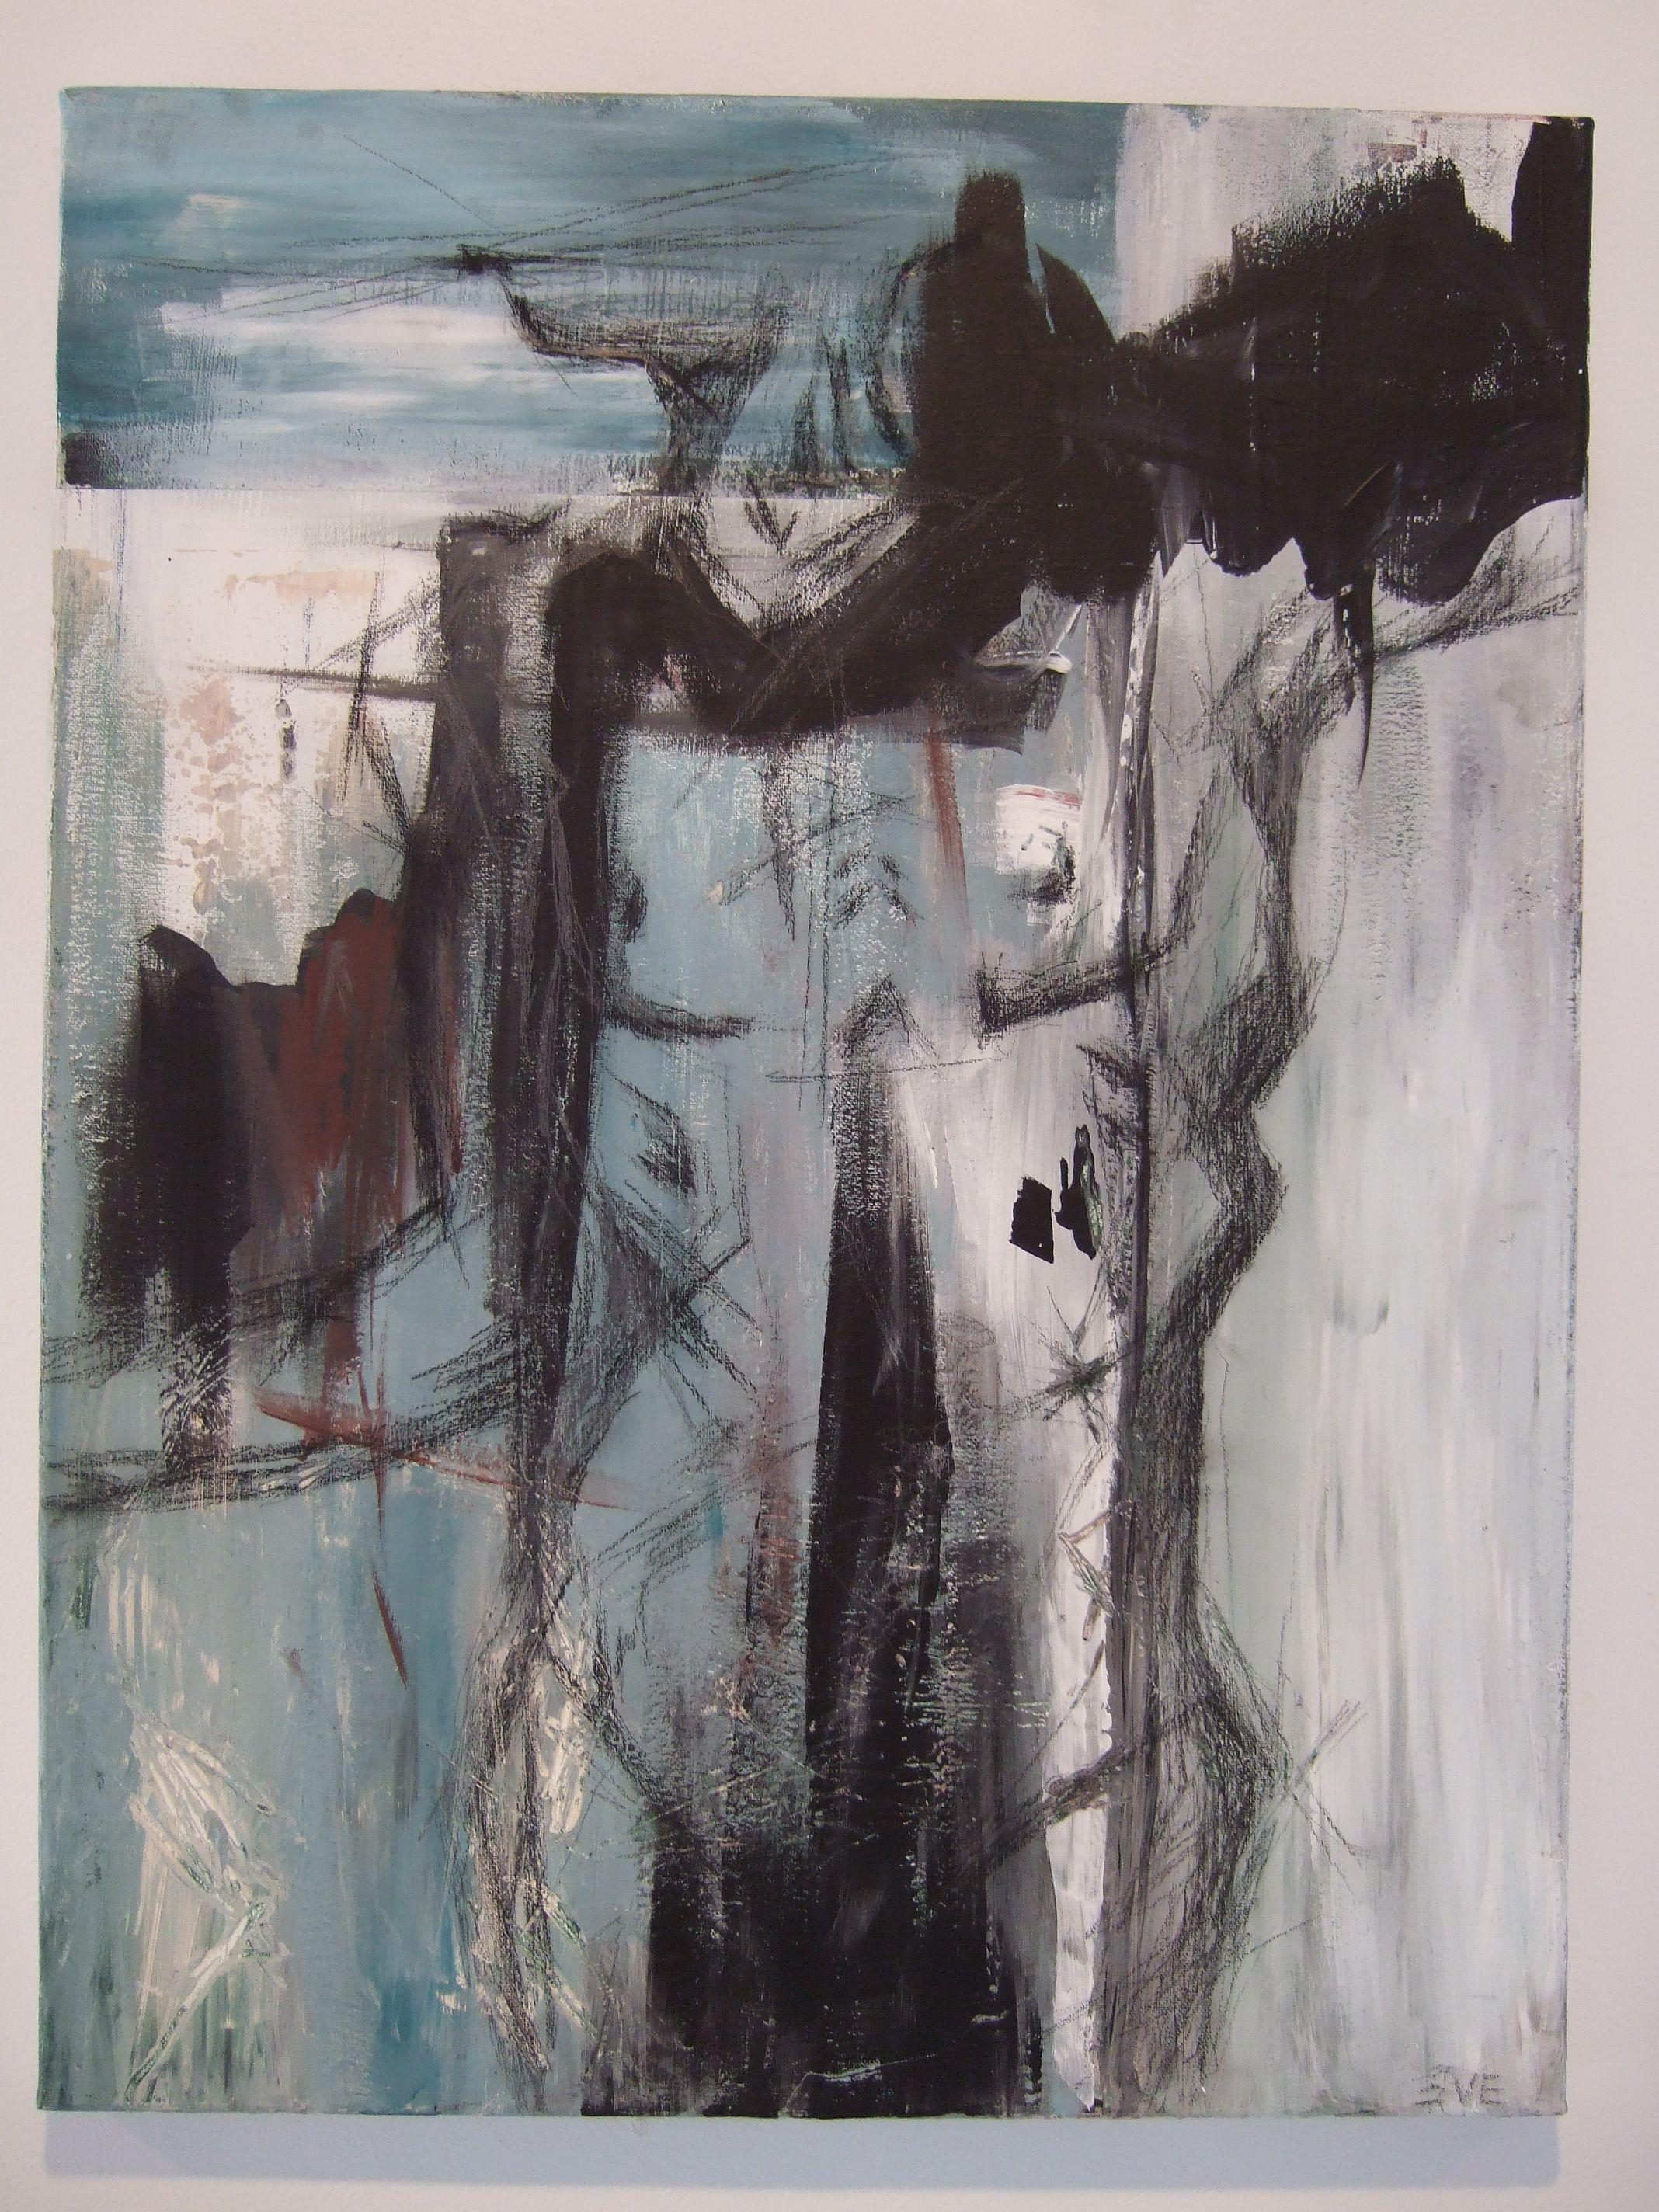 Marie-Ève Crépeau, Un moment d'attente crayon de plomb et acrylique, 1'6'' x 2' Prix : 120 $